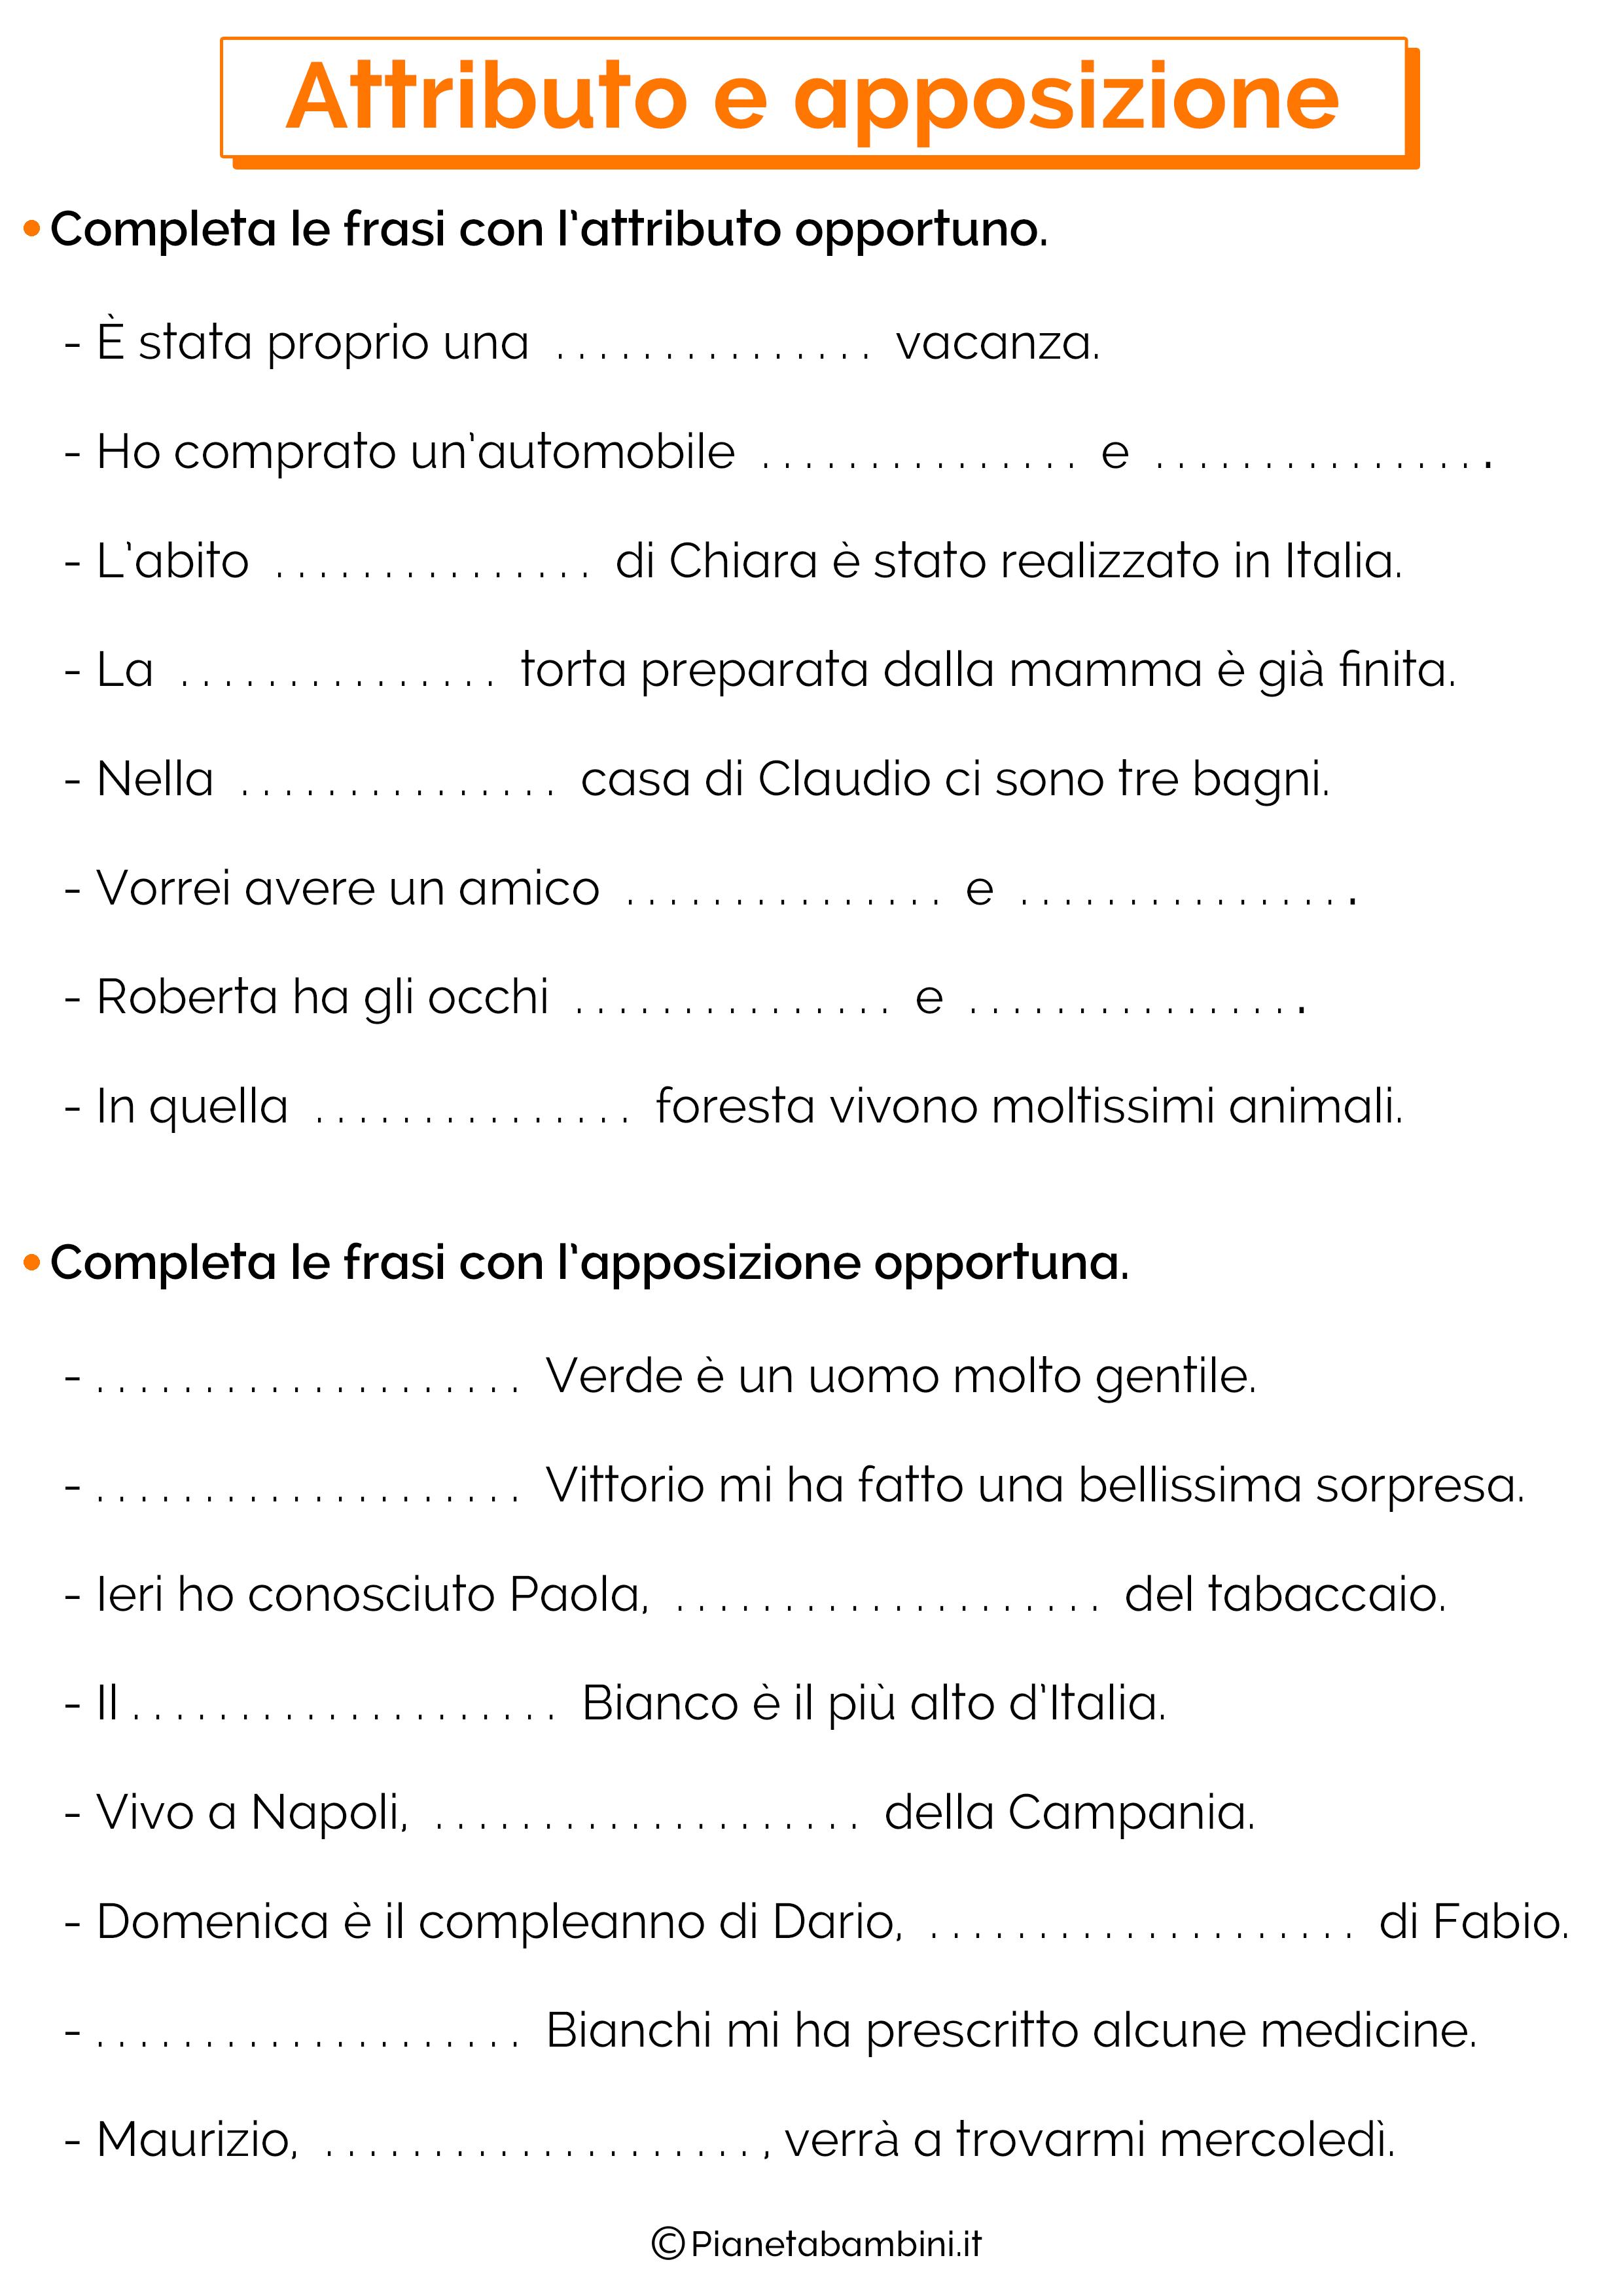 Esercizi su attributo e apposizione 2